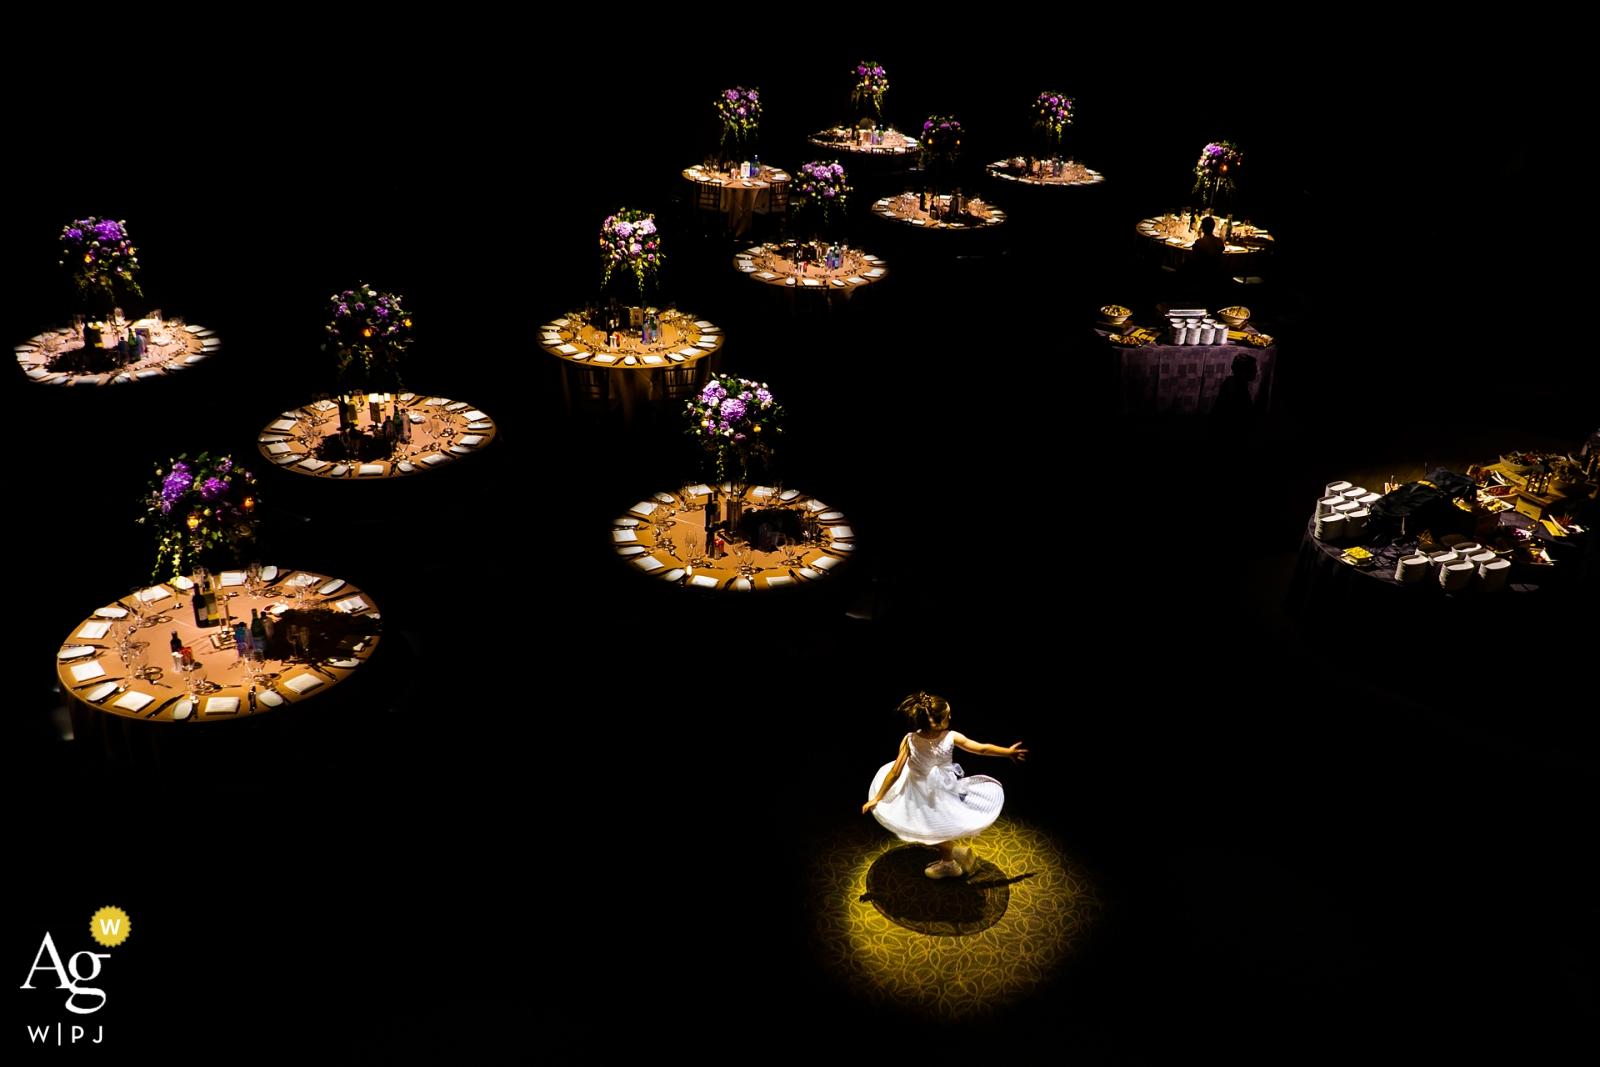 PARADISE BANQUET HALL, ON - DAS BLUMENMÄDCHEN tanzte in der Mitte der Tische